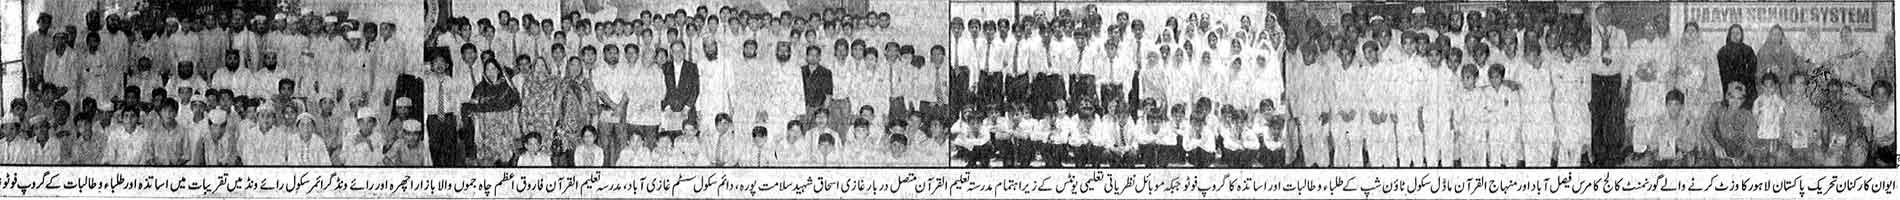 Minhaj-ul-Quran  Print Media Coverage Daily Waqt Page: 7